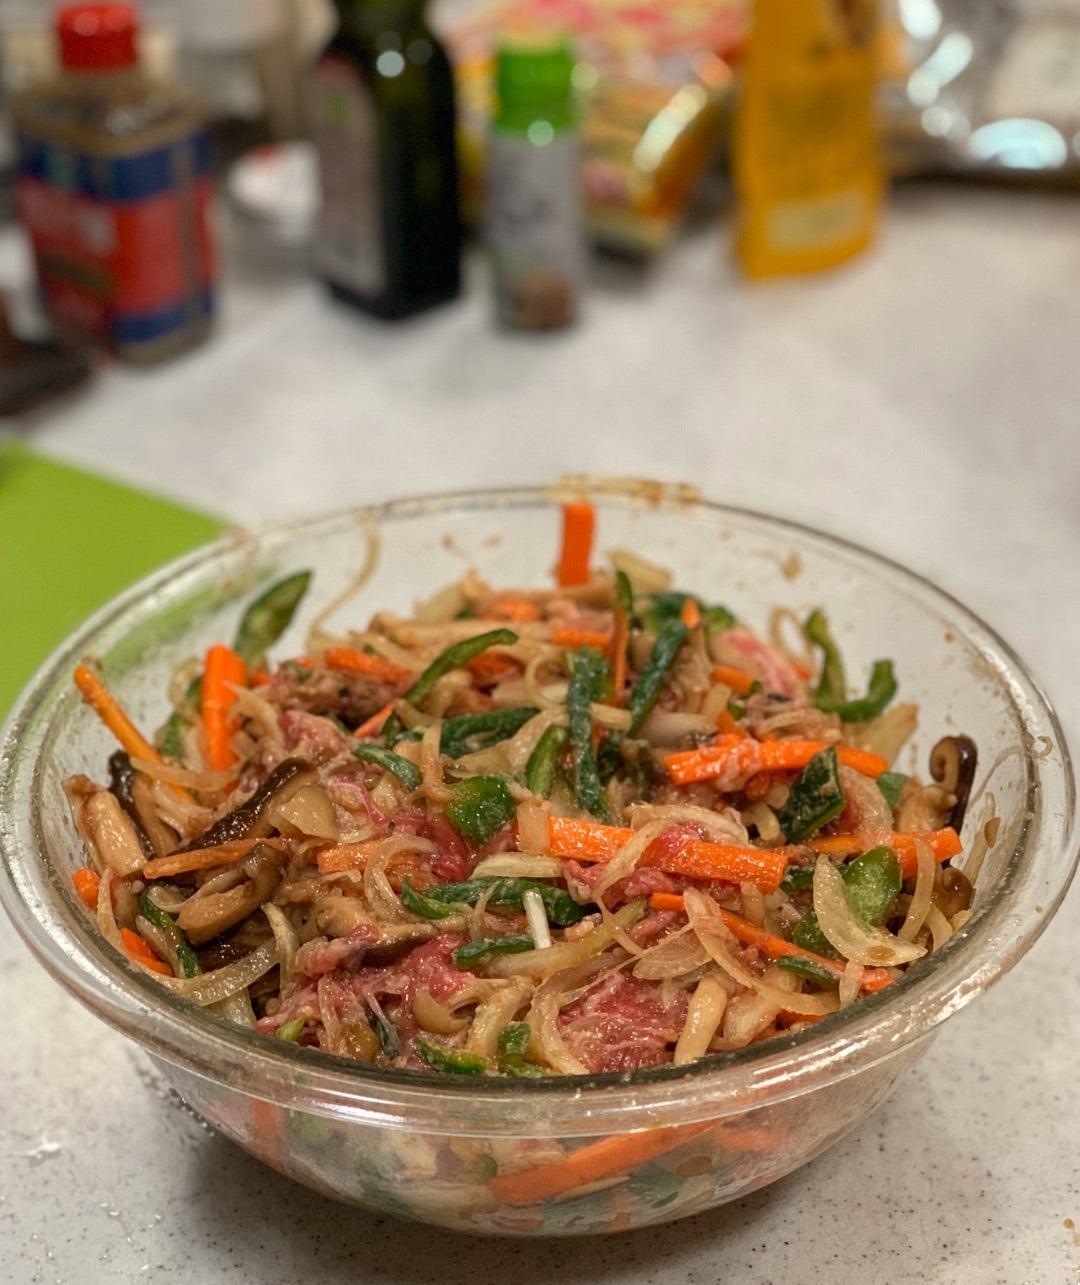 研ナオコの夫、夕食に作ったスタミナご飯「優しい」「元気出ます」の声 ...